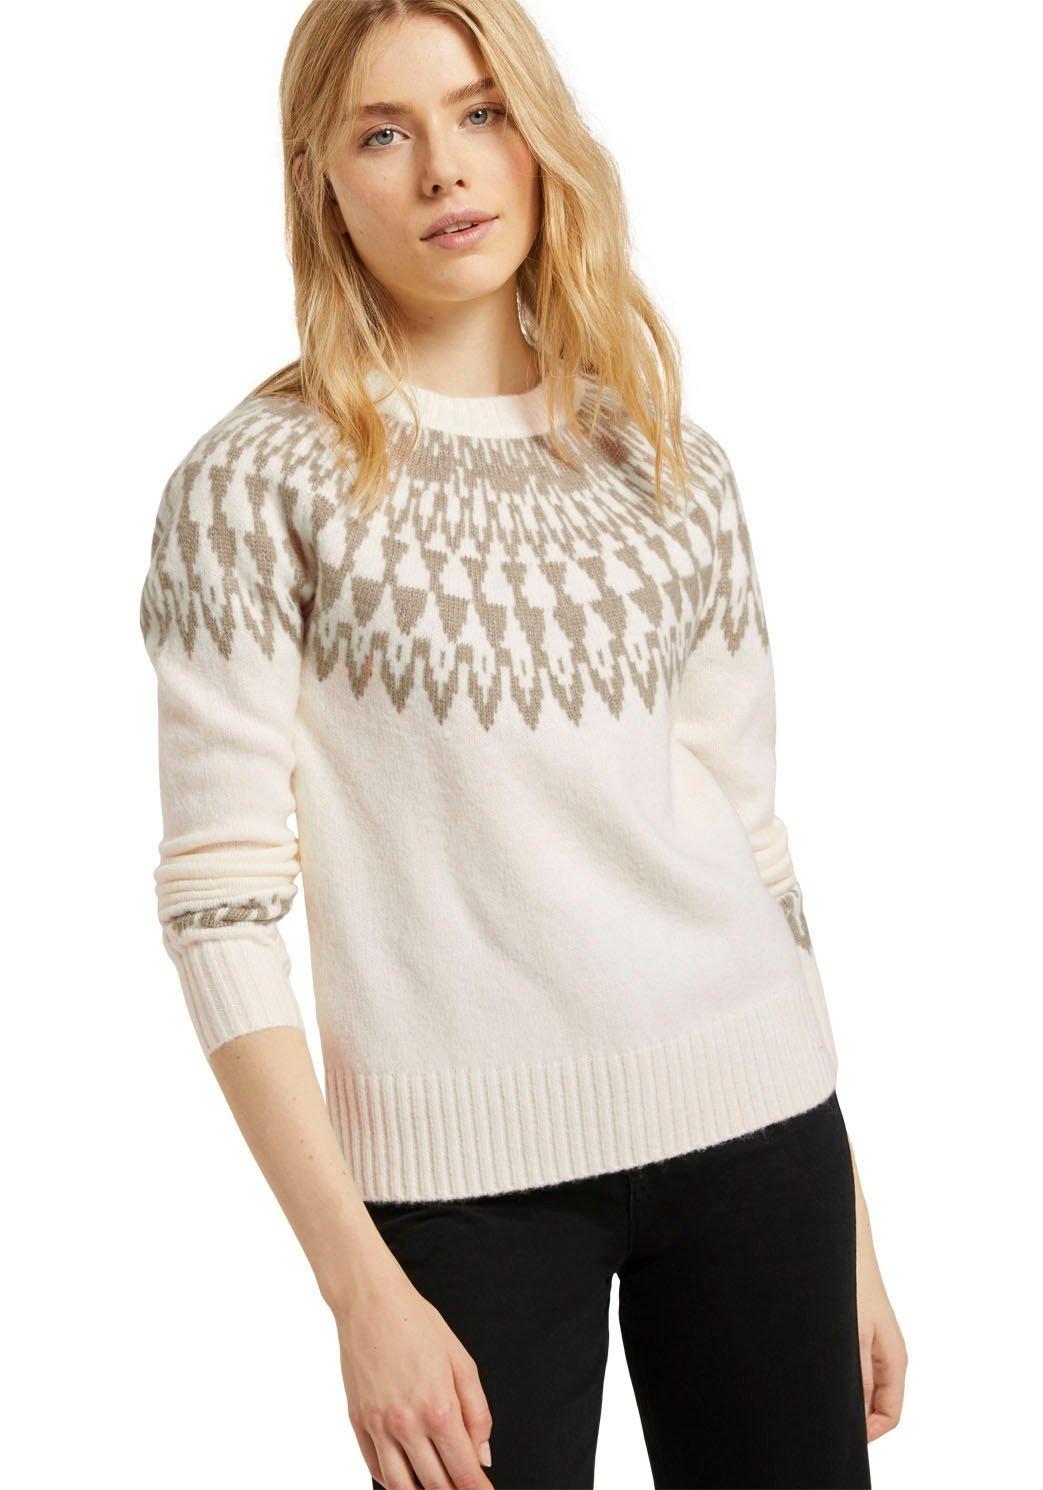 Tom Tailor gebreide trui nu online kopen bij OTTO